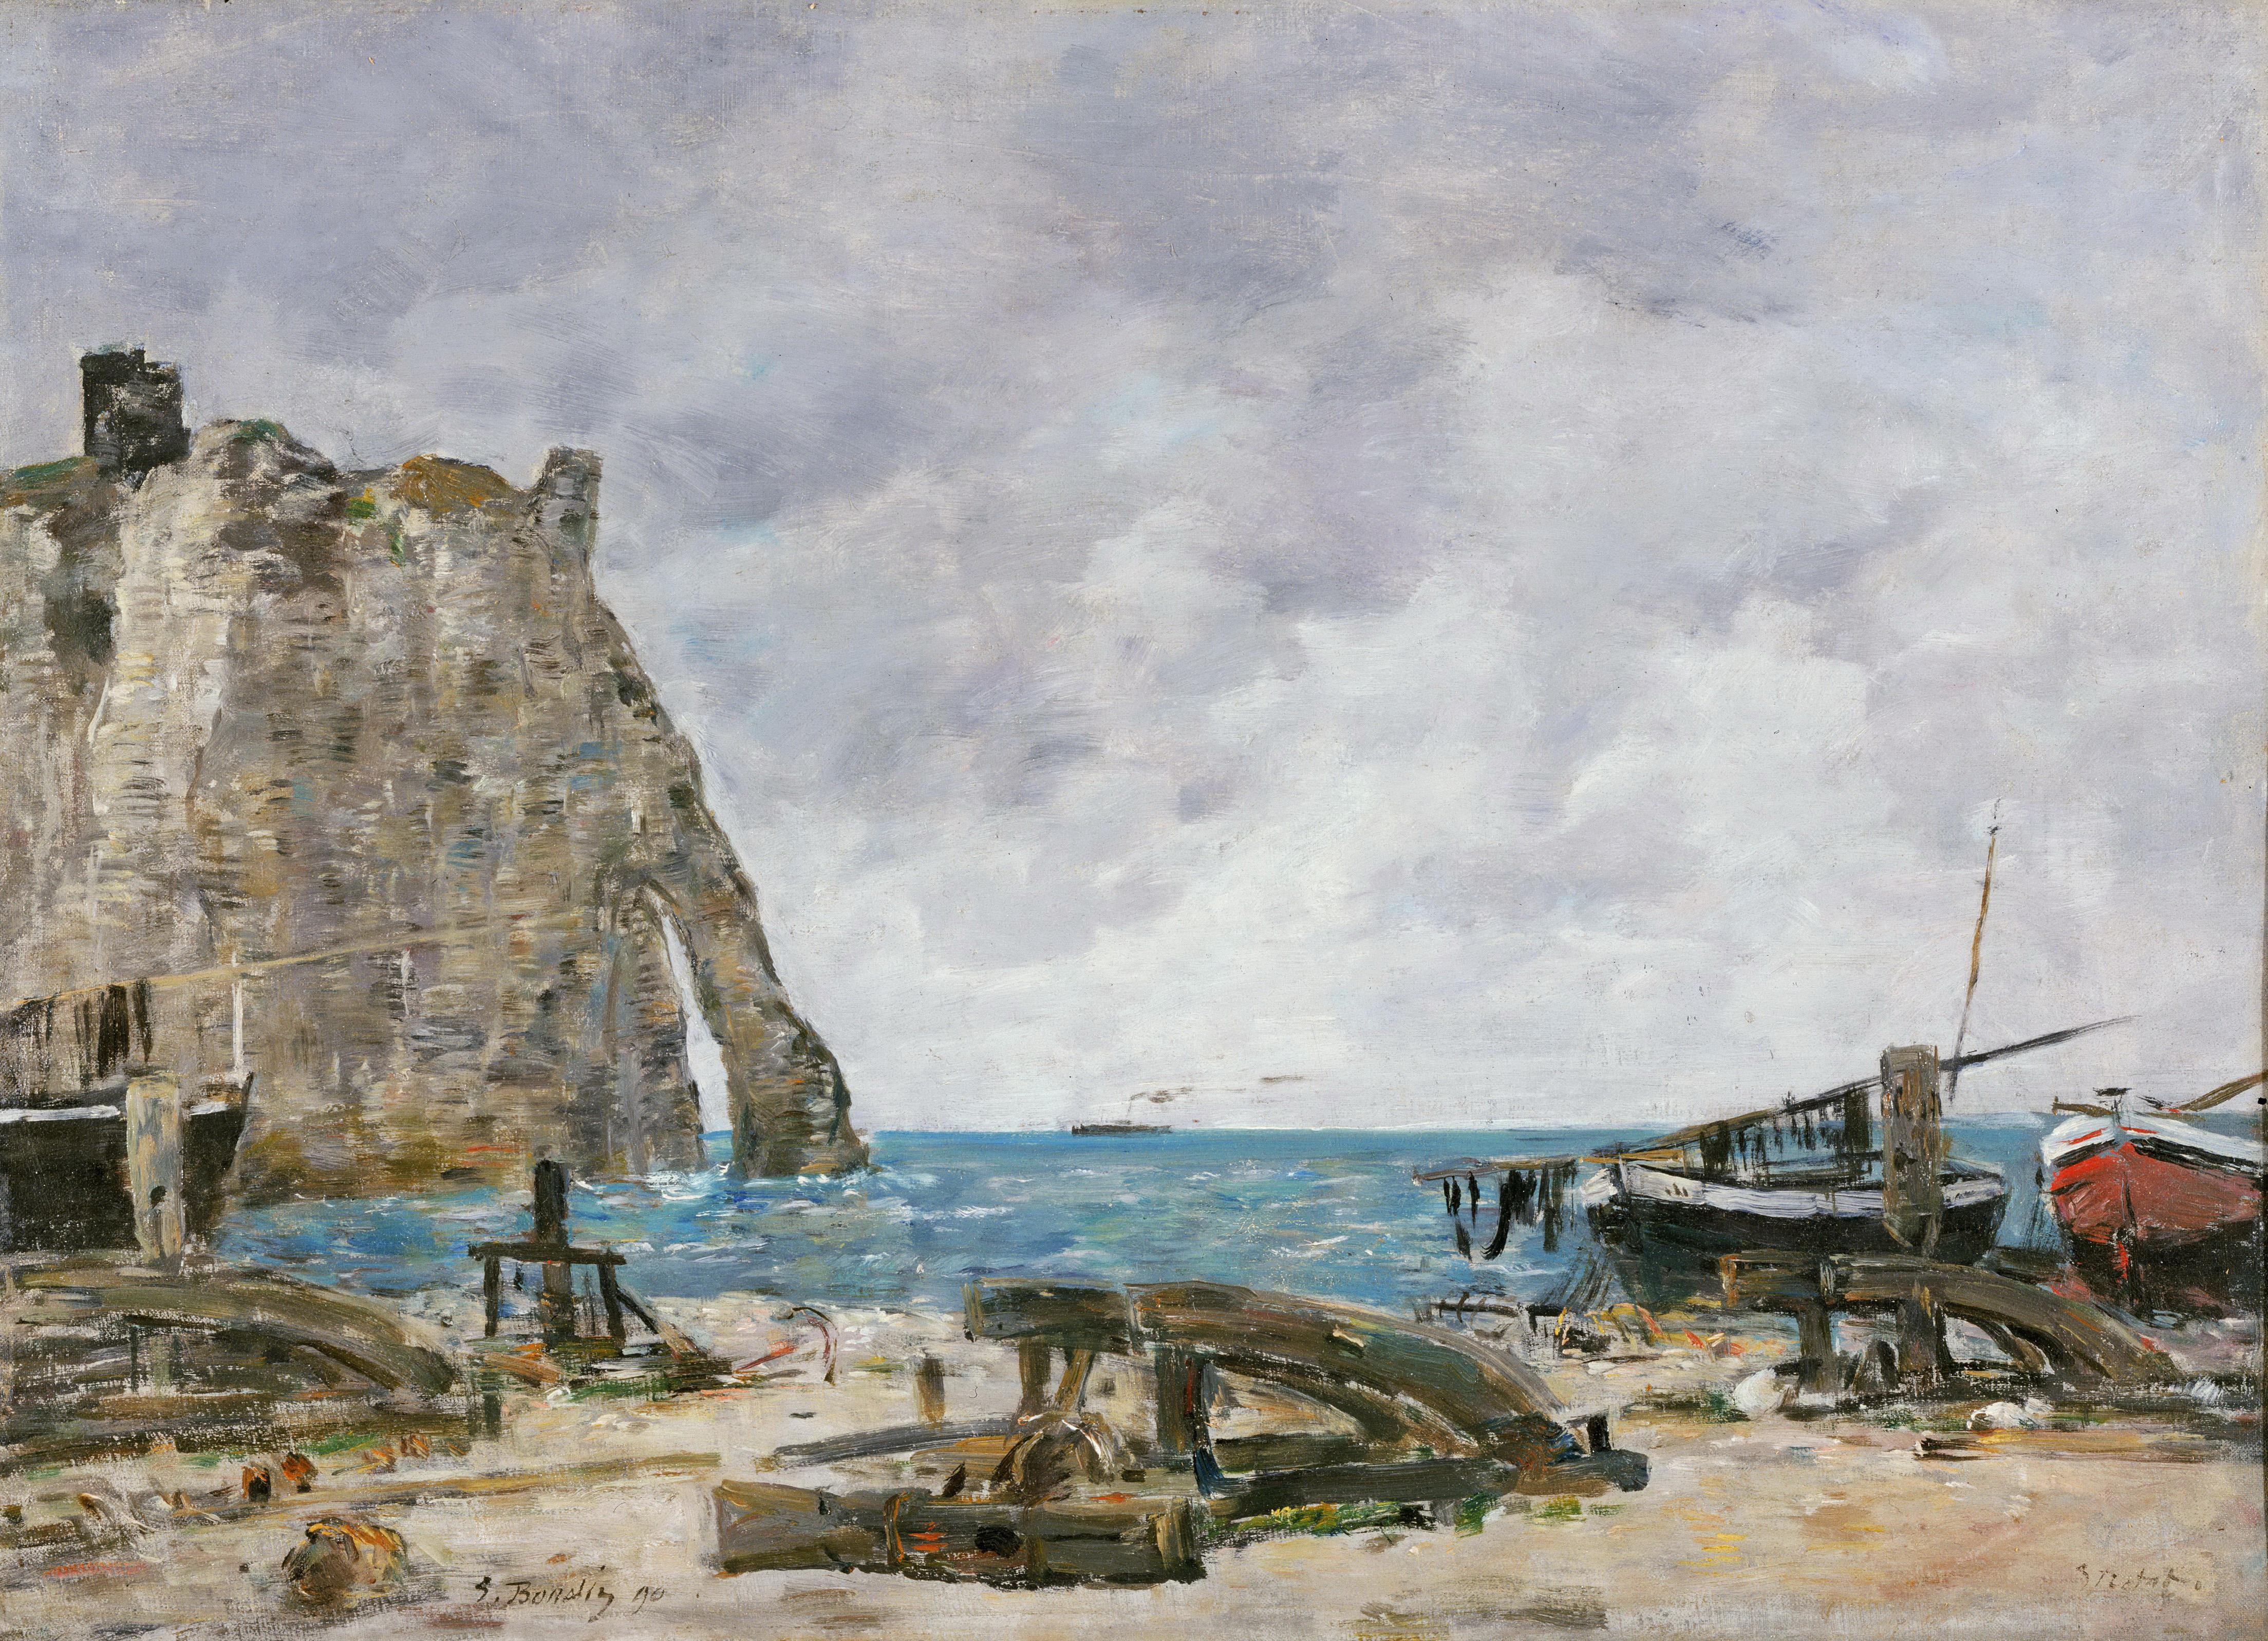 Художник Эжен Буден Boudin картина Этрета Etretat пейзажи природы Альберт Сафиуллин